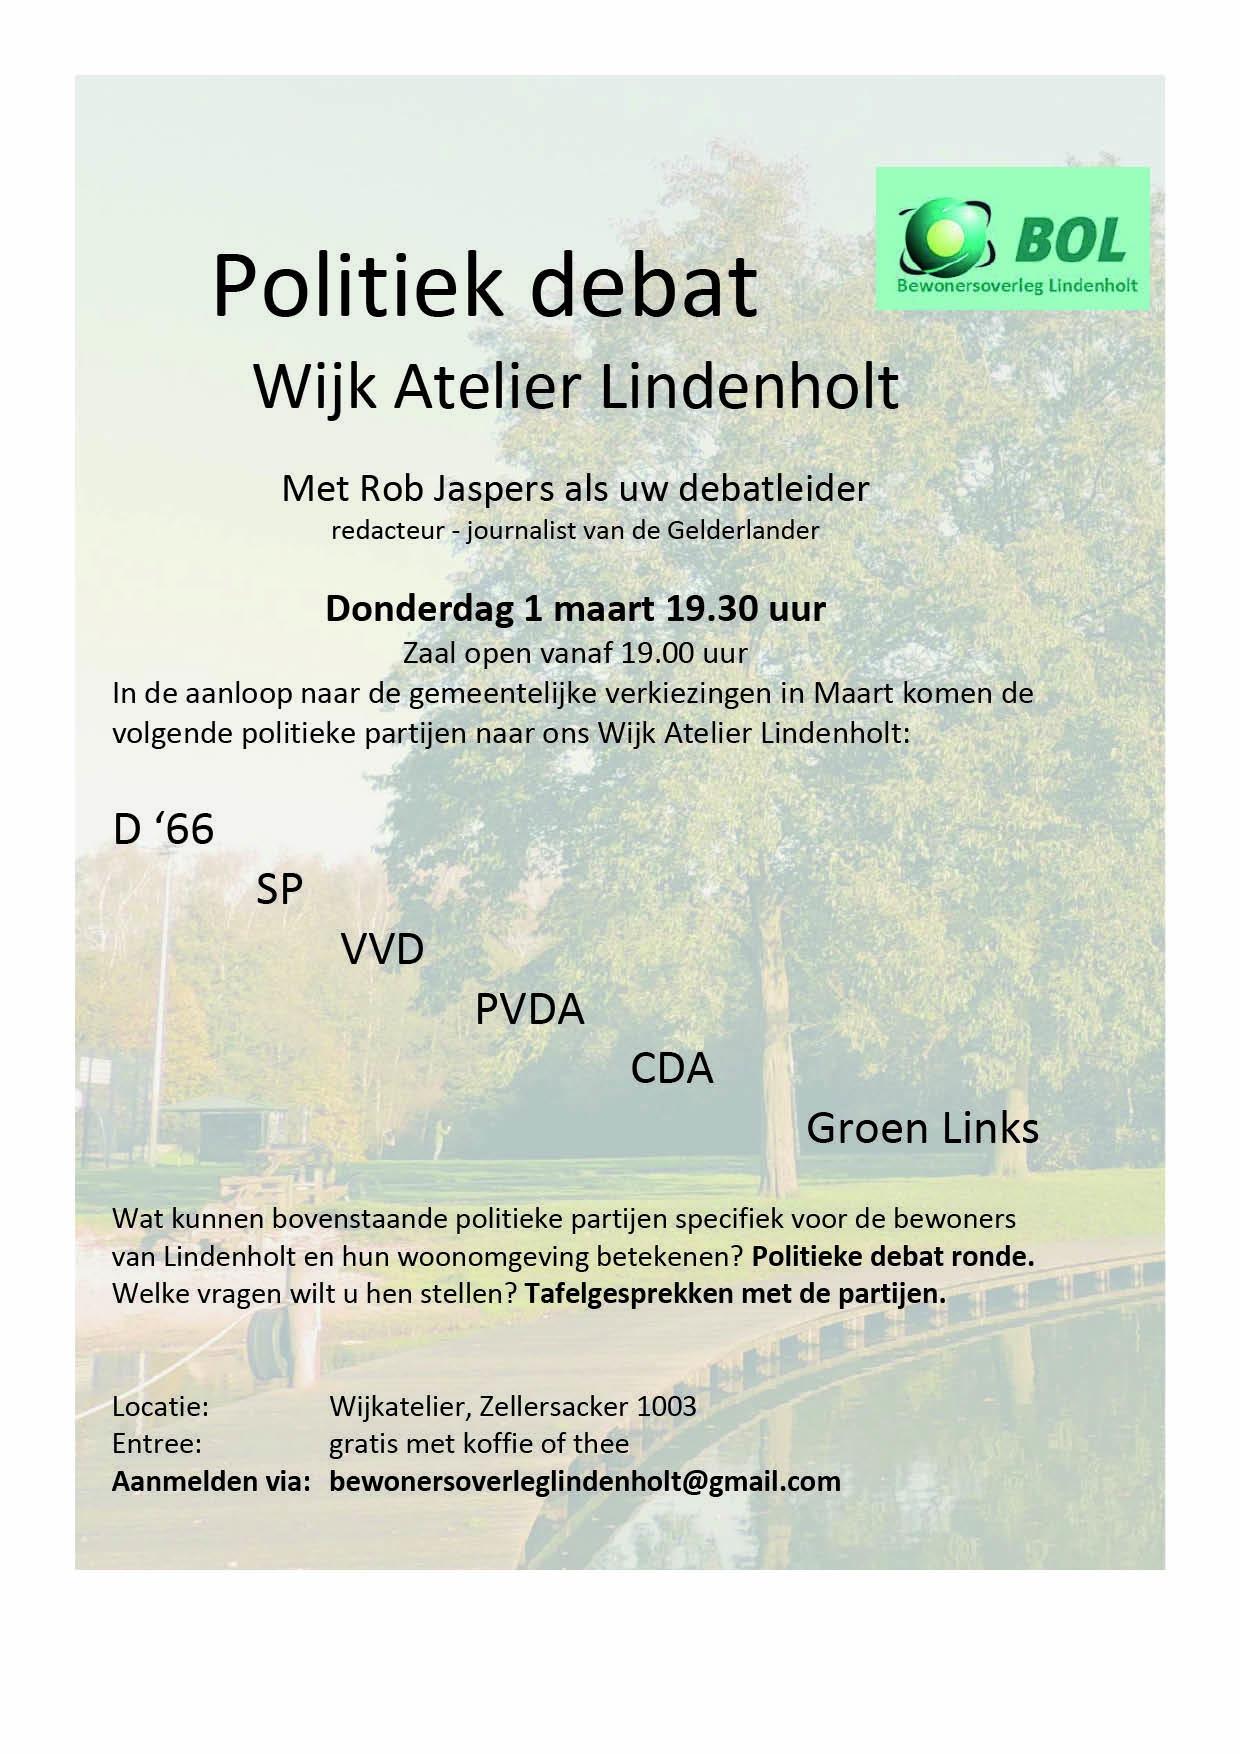 politiek debat gemeenteraadsverkiezingen in de WAL